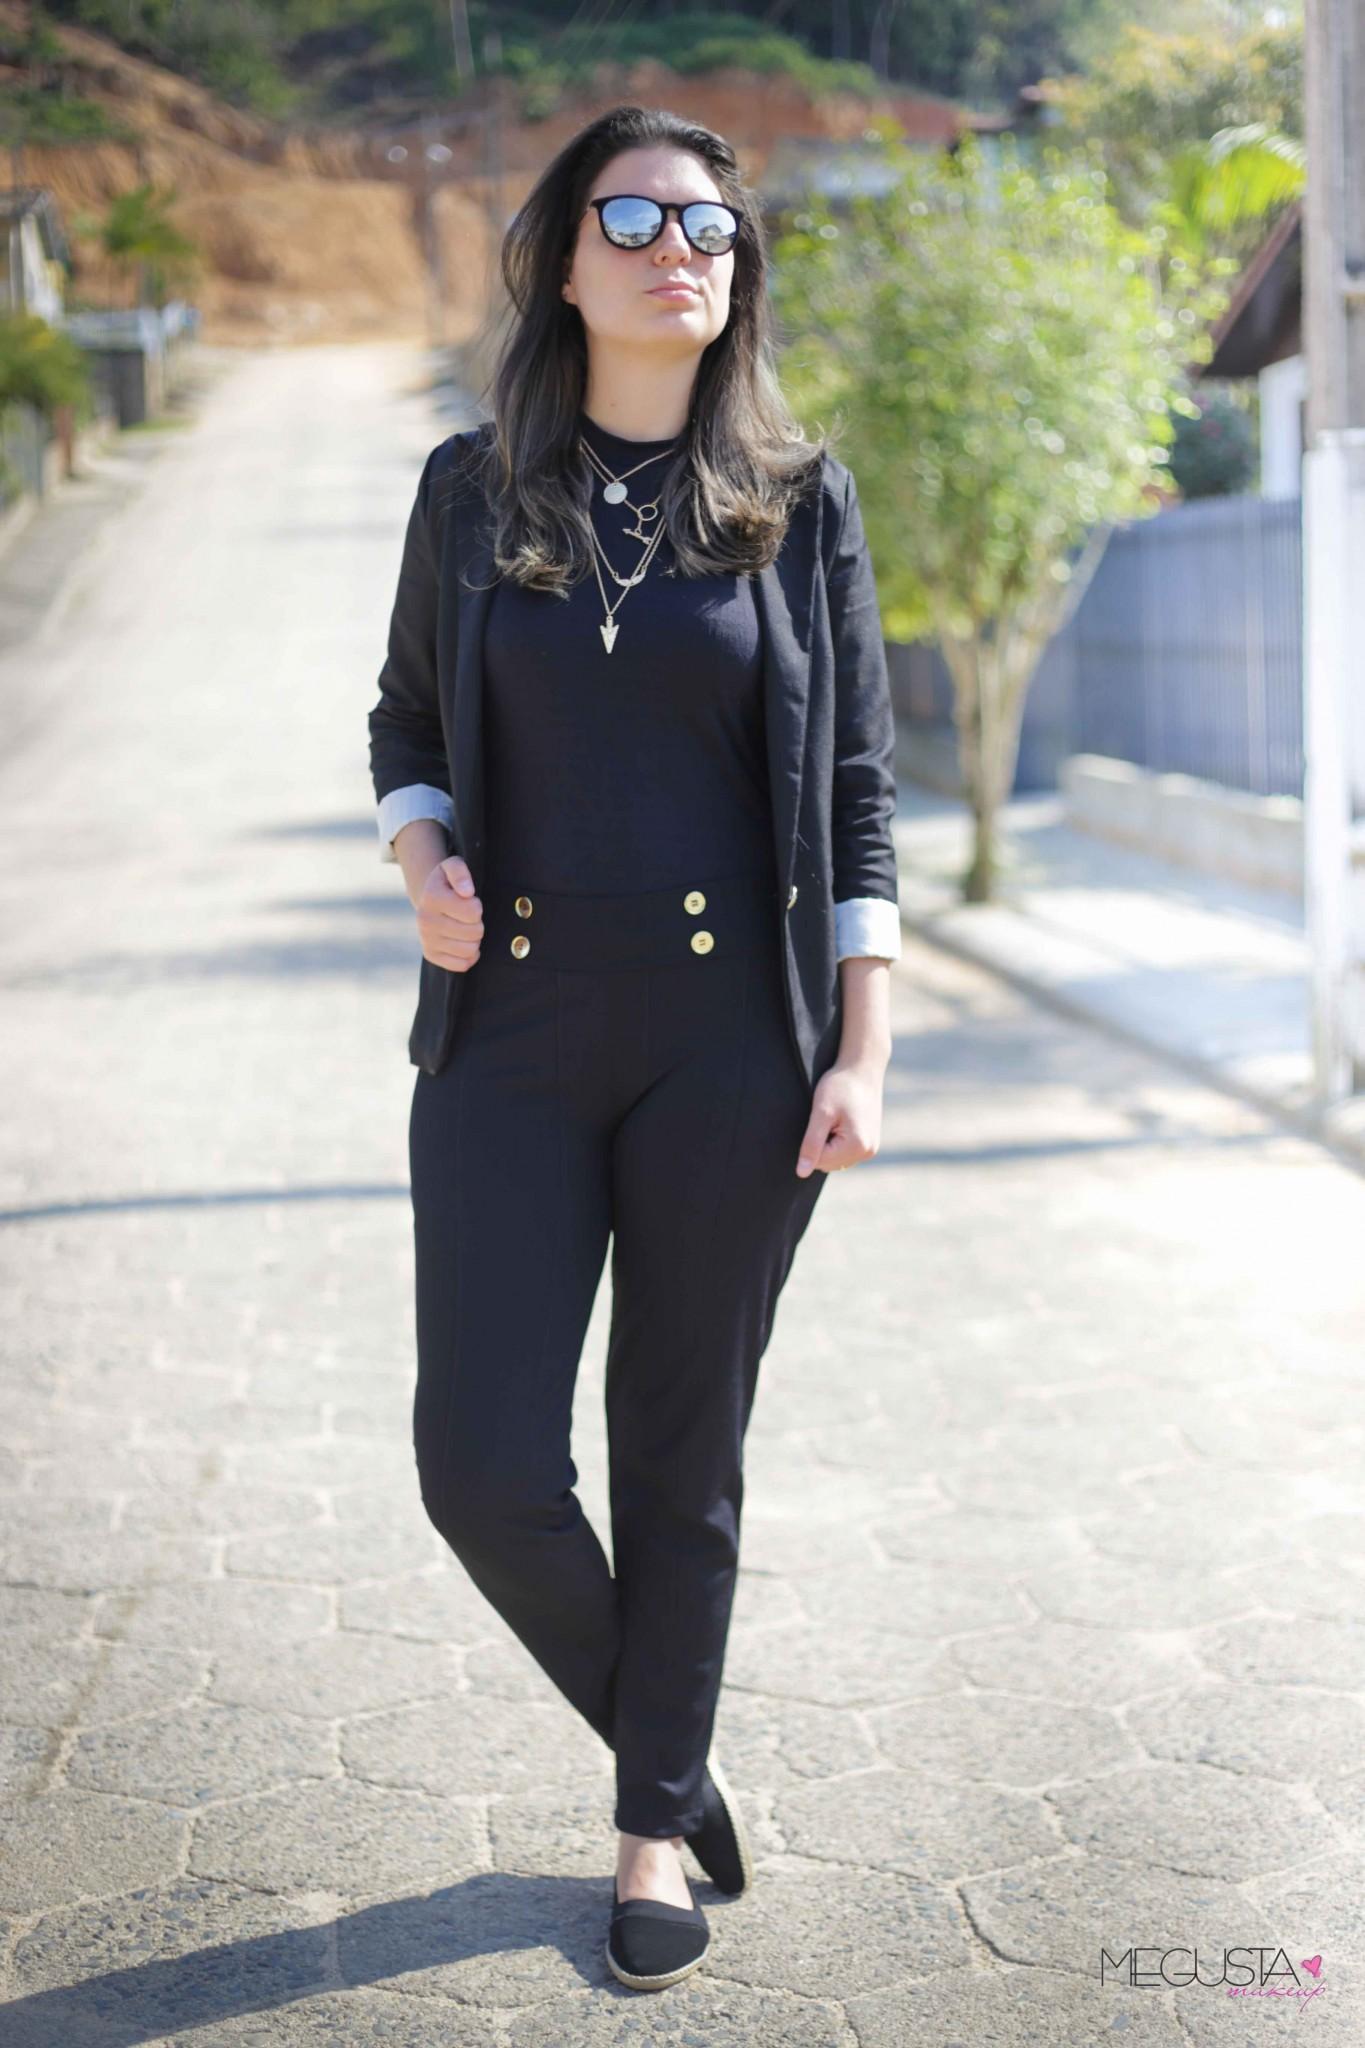 Look do dia all black 3 - Look da Vez: Blazer, Óculos Espelhado e Sapatilha - All Black